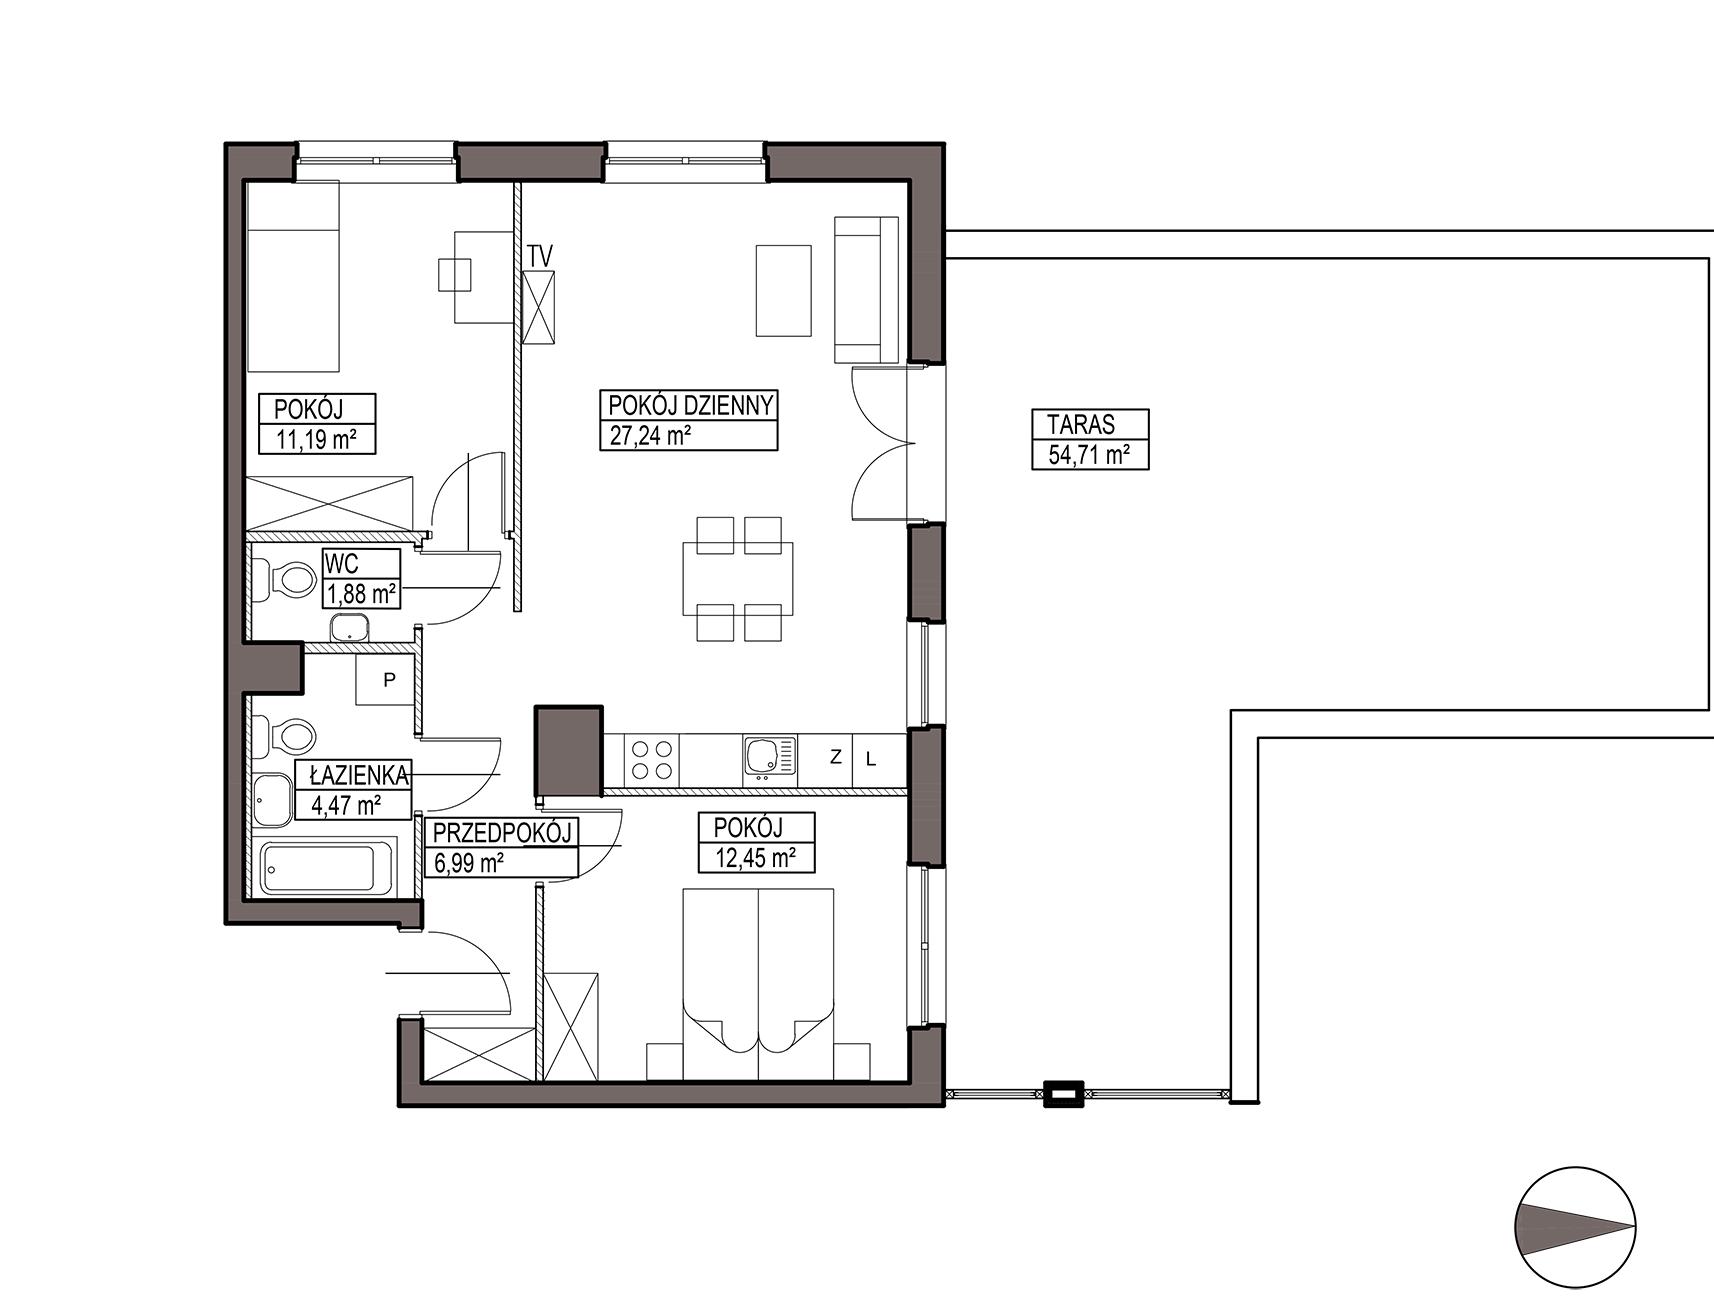 Uroczysko III / budynek 5 / mieszkanie G/0/12 rzut 1